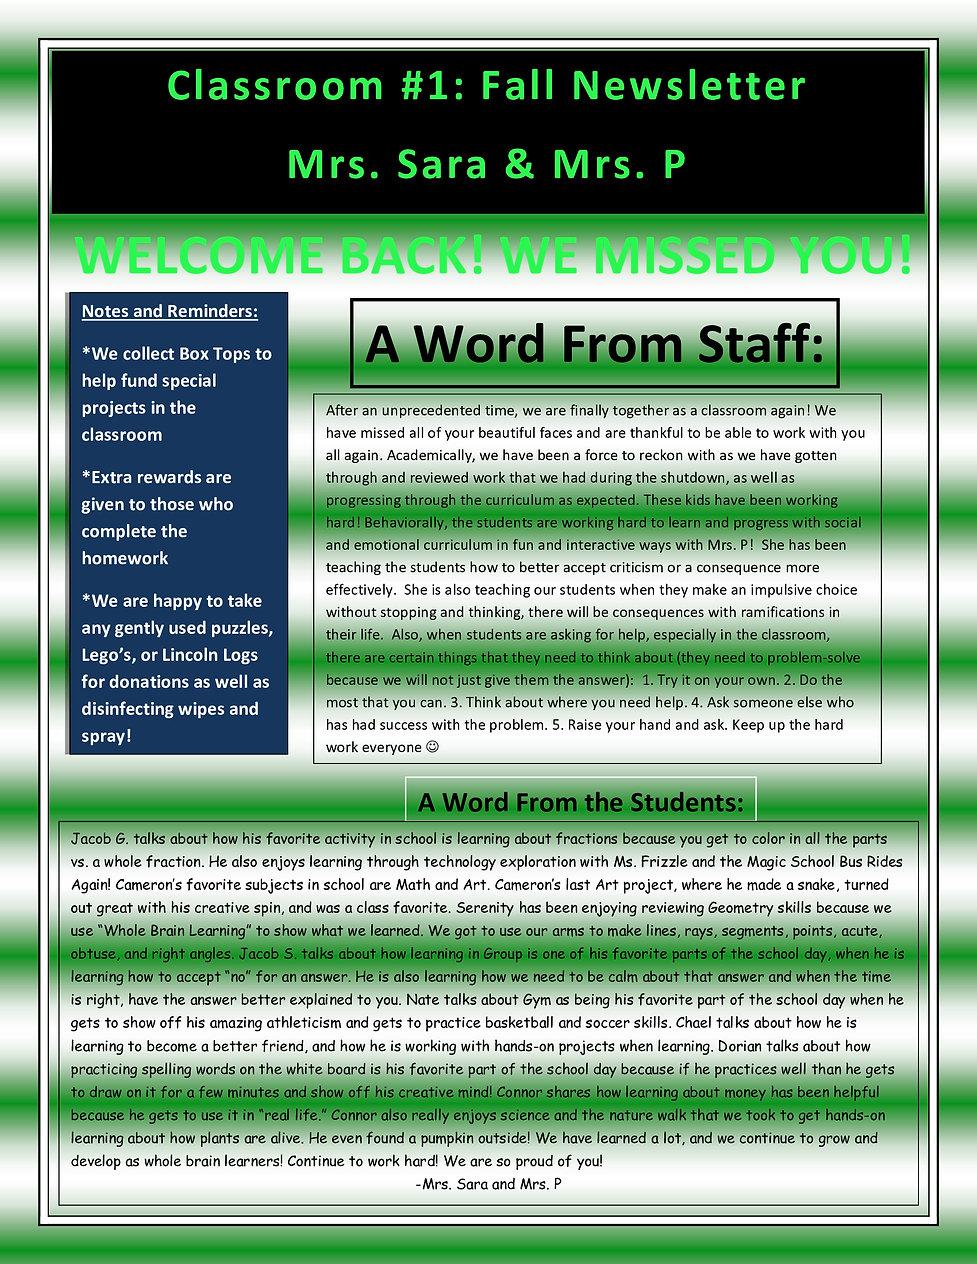 classroom-1-fall-newsletter-2020-_1_.jpg